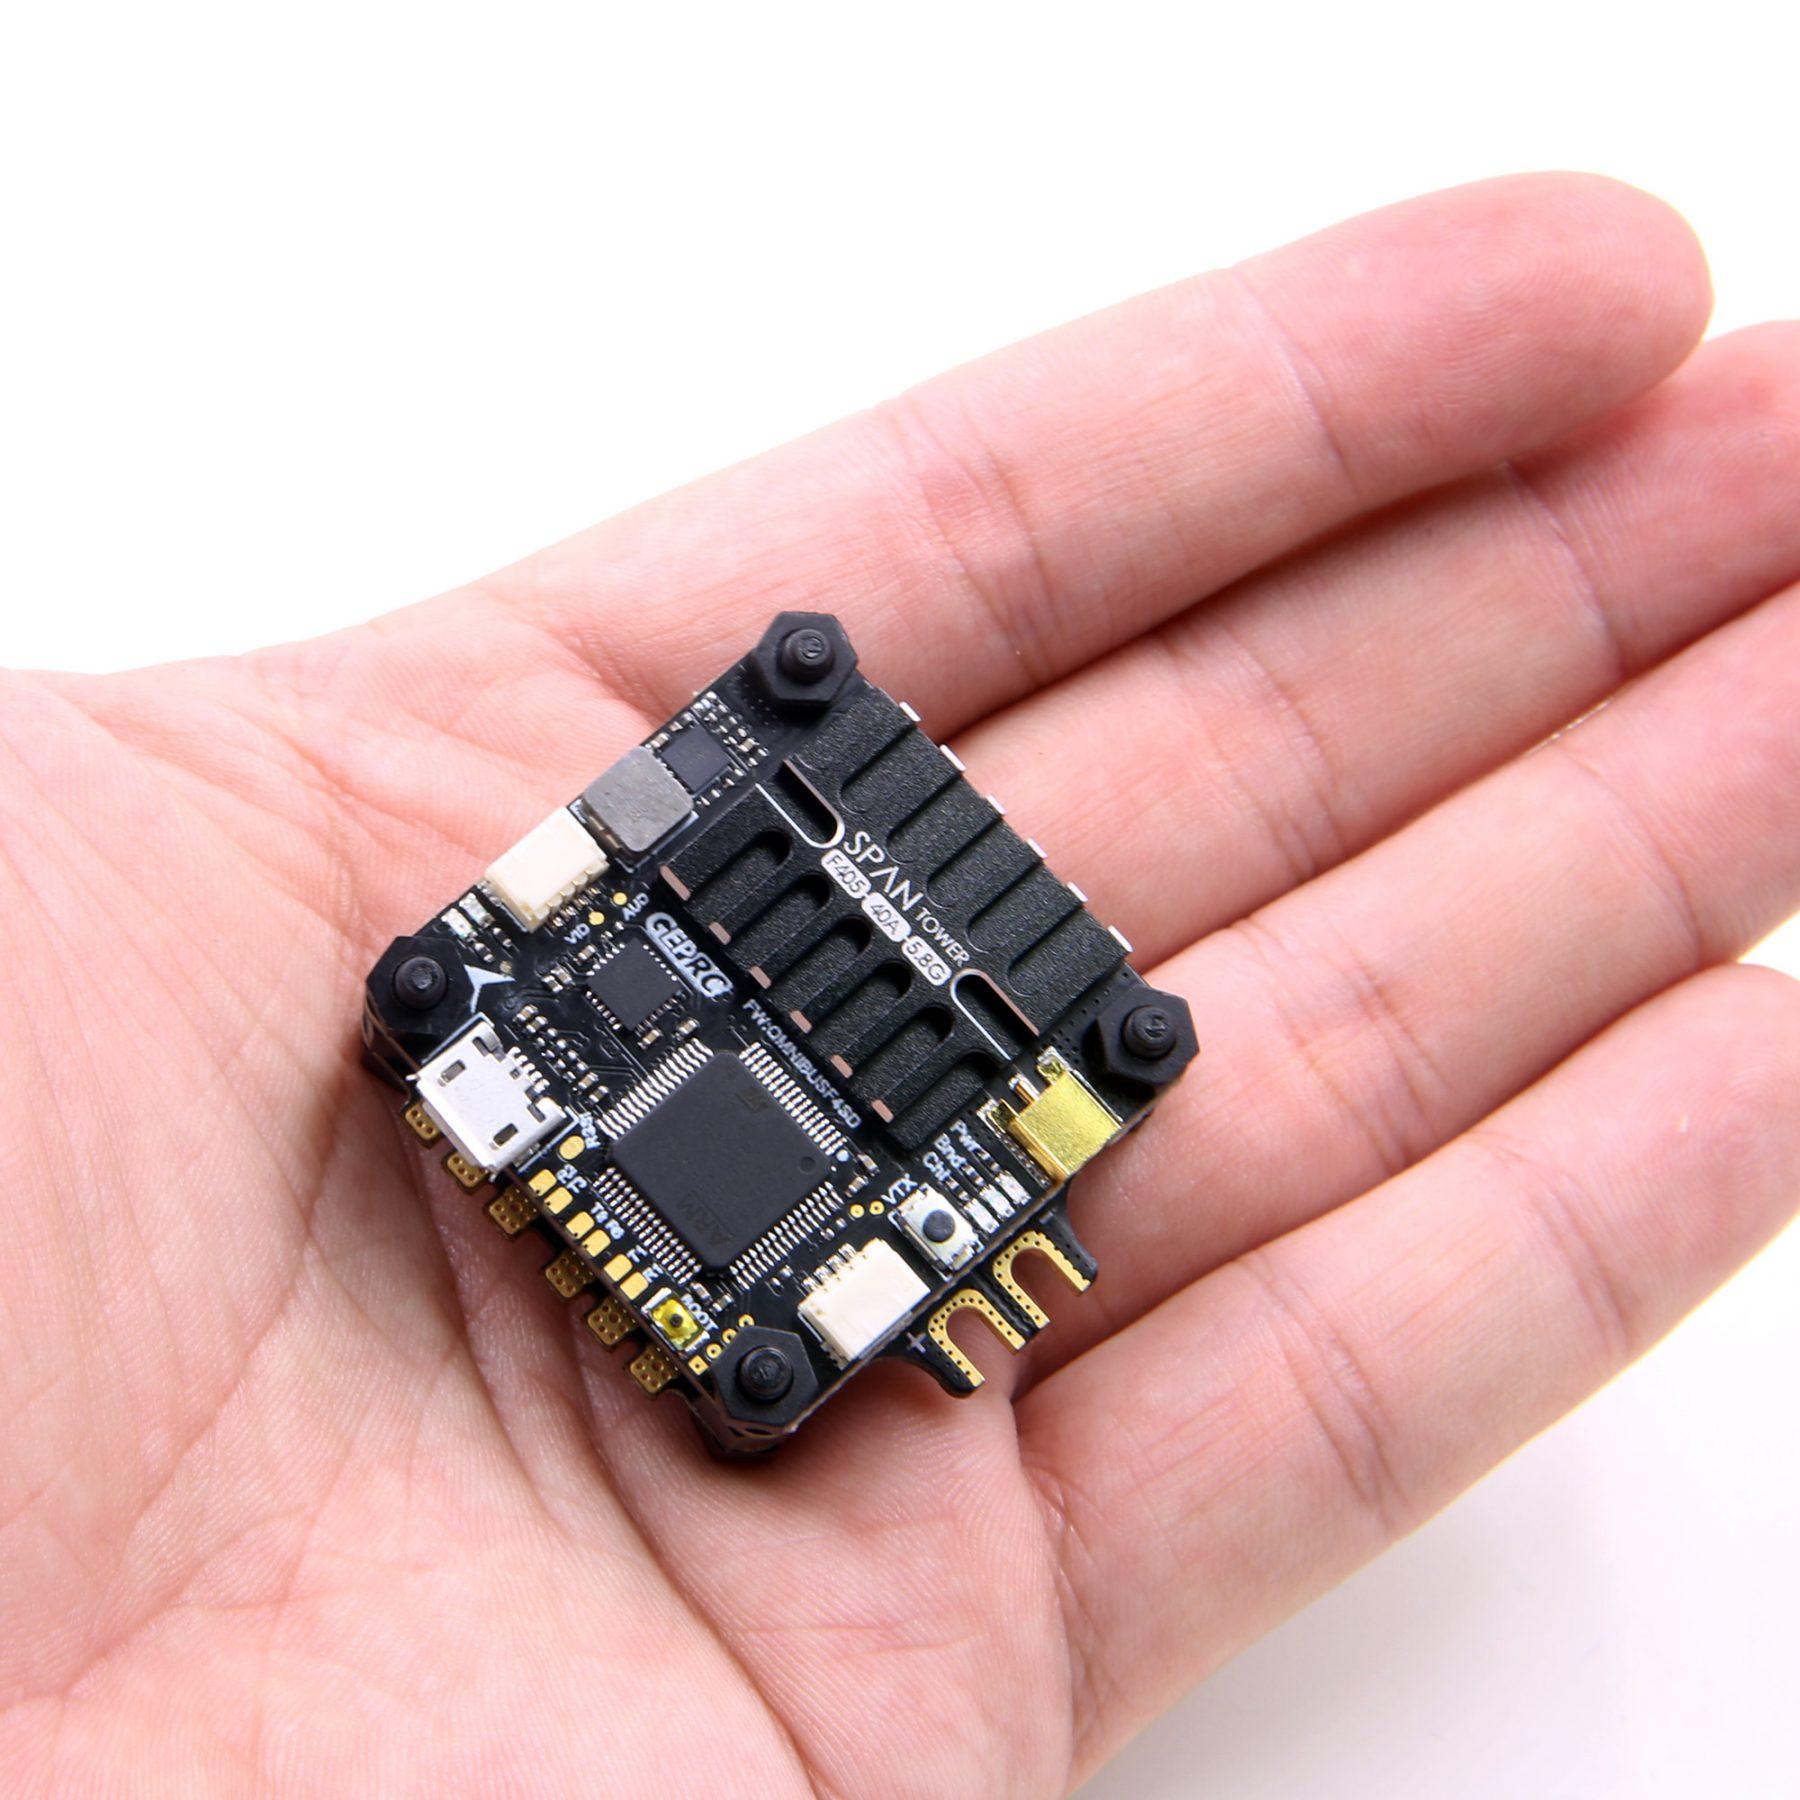 GEPRC do ustawiania zakresu pomiarowego F4 wieża F405 sterowania lotem Betaflight zintegrowany 5.8G 48CH VTX + BLHeli_S/Dshot600 40A ESC 4in1 dla dronów wyścigowych FPV w Części i akcesoria od Zabawki i hobby na  Grupa 2